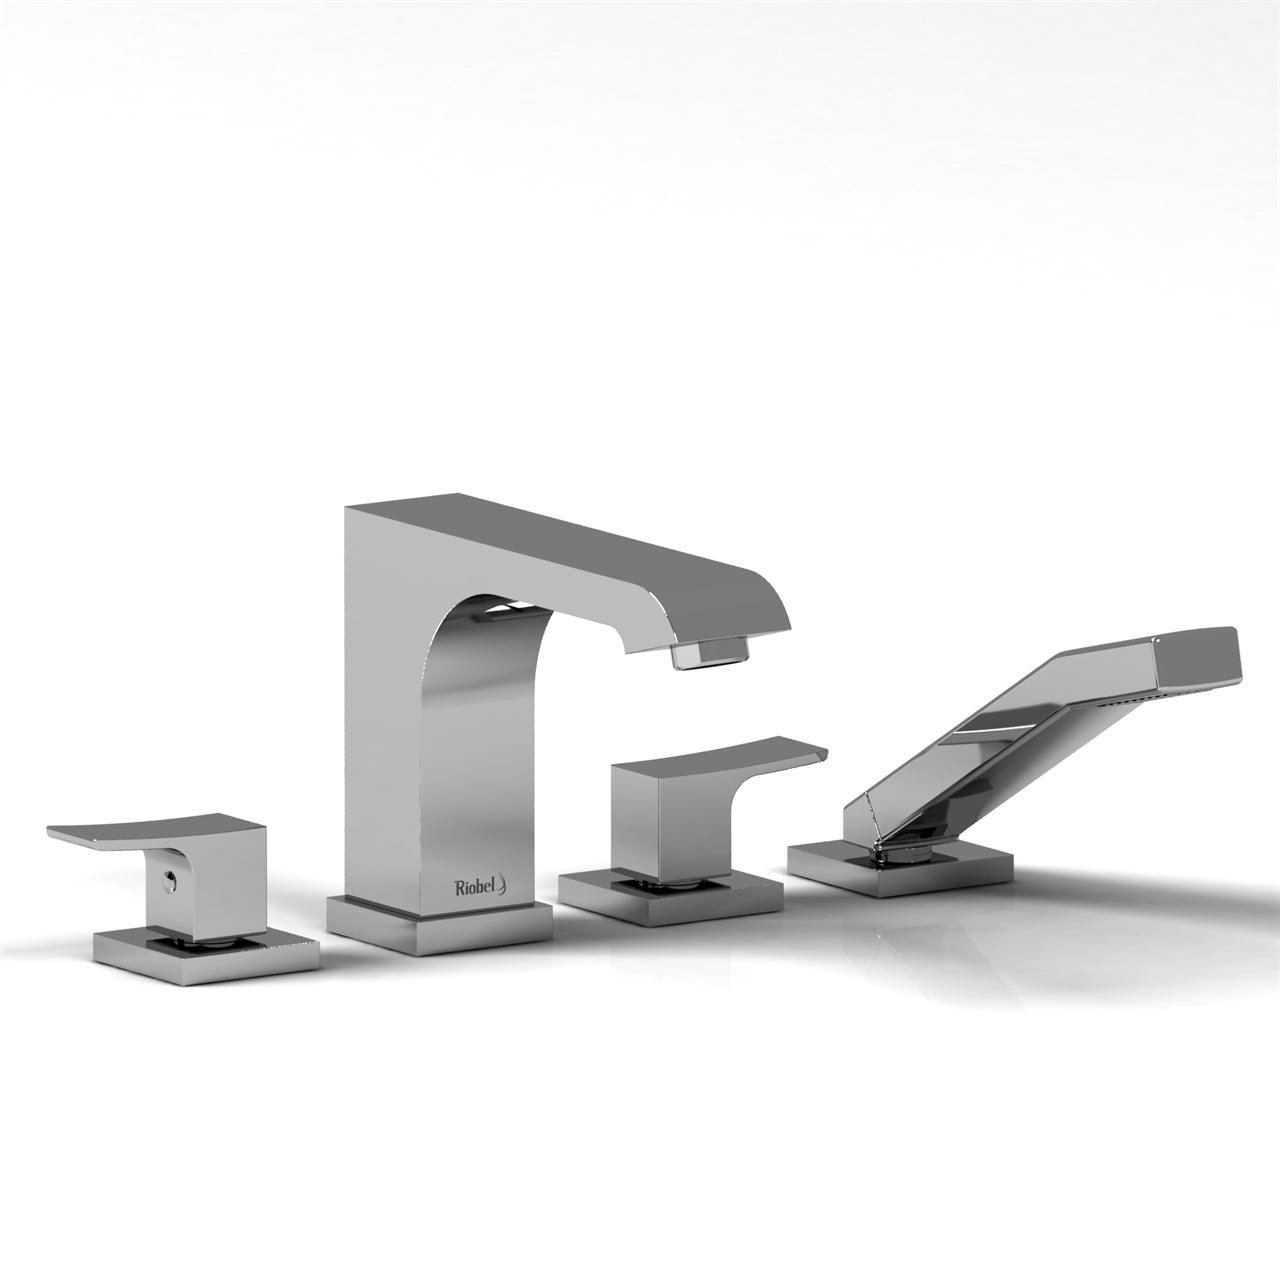 Riobel Zendo ZO12 4 piece deck mount faucet with hand shower